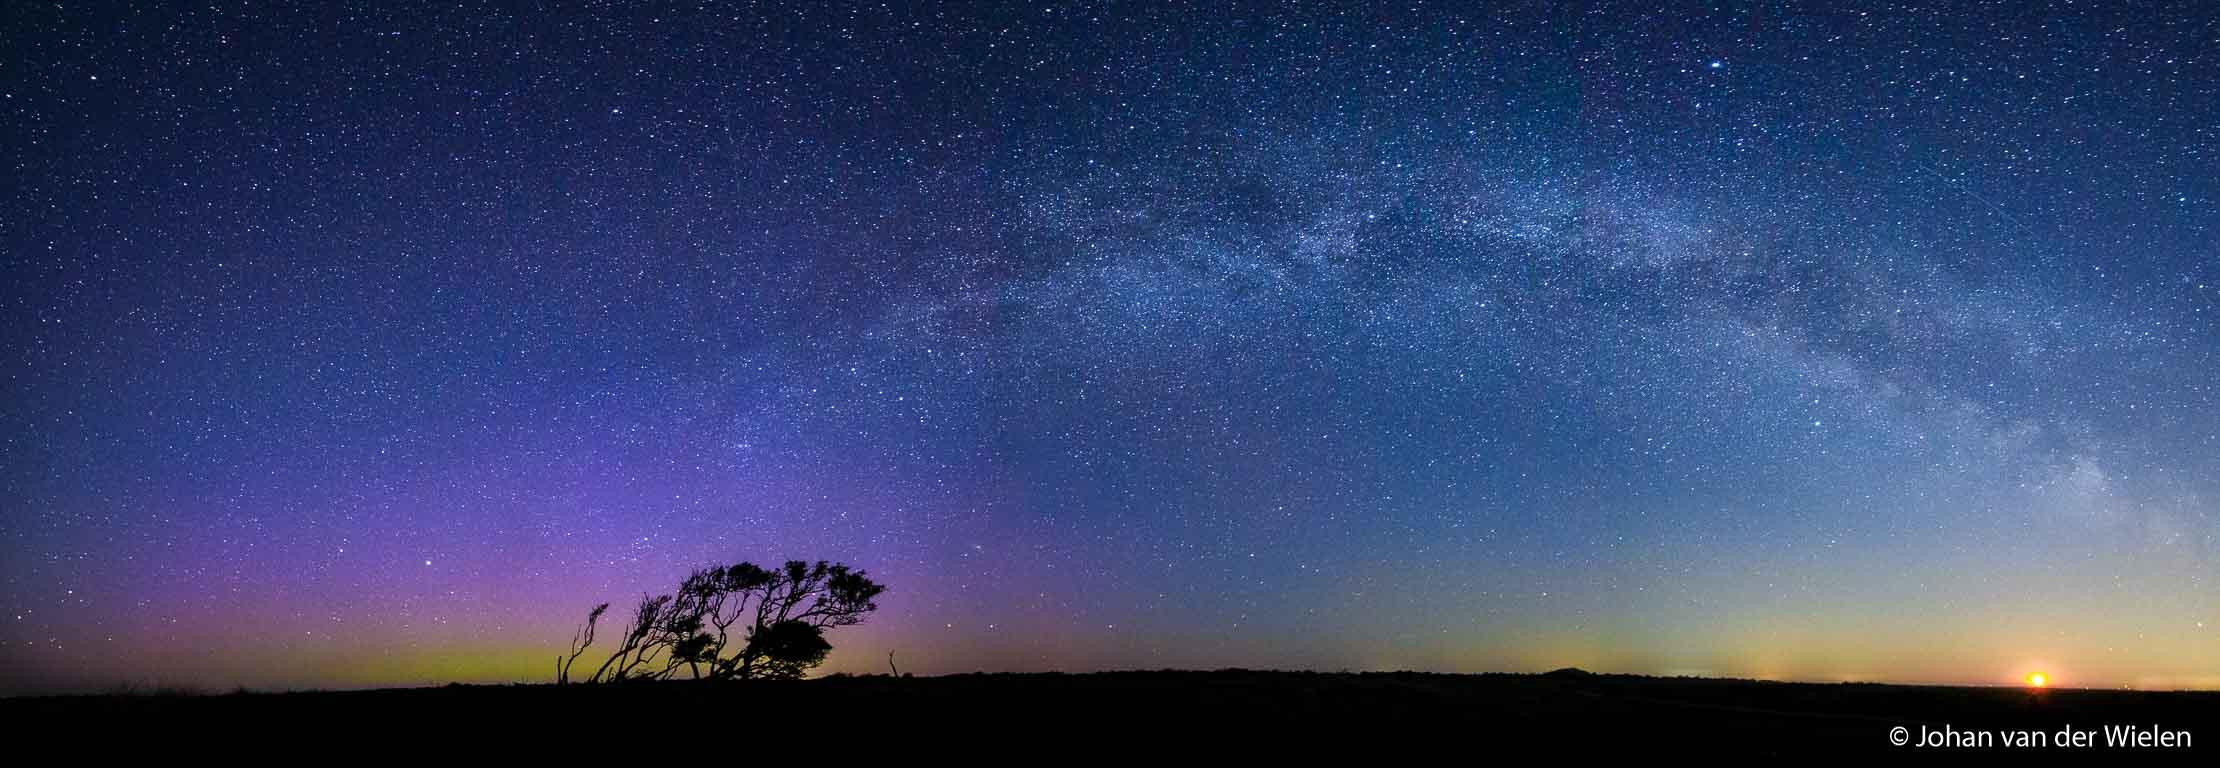 Als afsluiting een uniek nachtelijk panorama op Schiermonnikoog met 5 beelden gestichted: links het noorderlicht, bovenin de Melkweg boog en rechts de oranje opkomende maan. Irix was erbij!